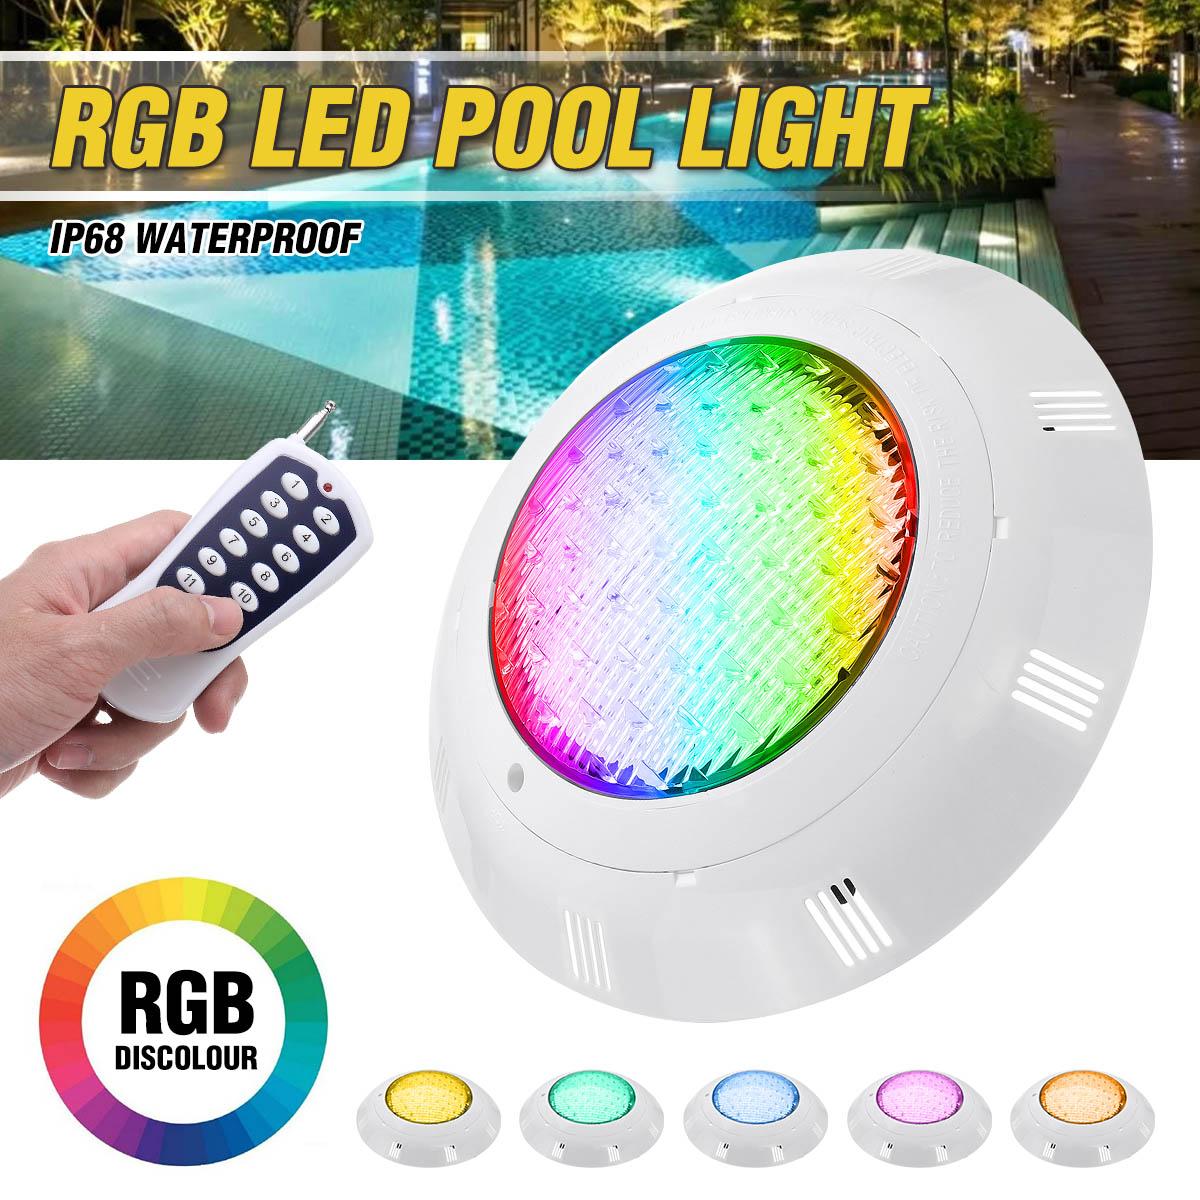 RGB Led السباحة إضاءة حمام السباحة/المسبح 45 واط 450LED IP68 مقاوم للماء التيار المتناوب/DC12V-24V في الهواء الطلق RGB مصباح تحت الماء بركة Led psquina لوز الأضوا...